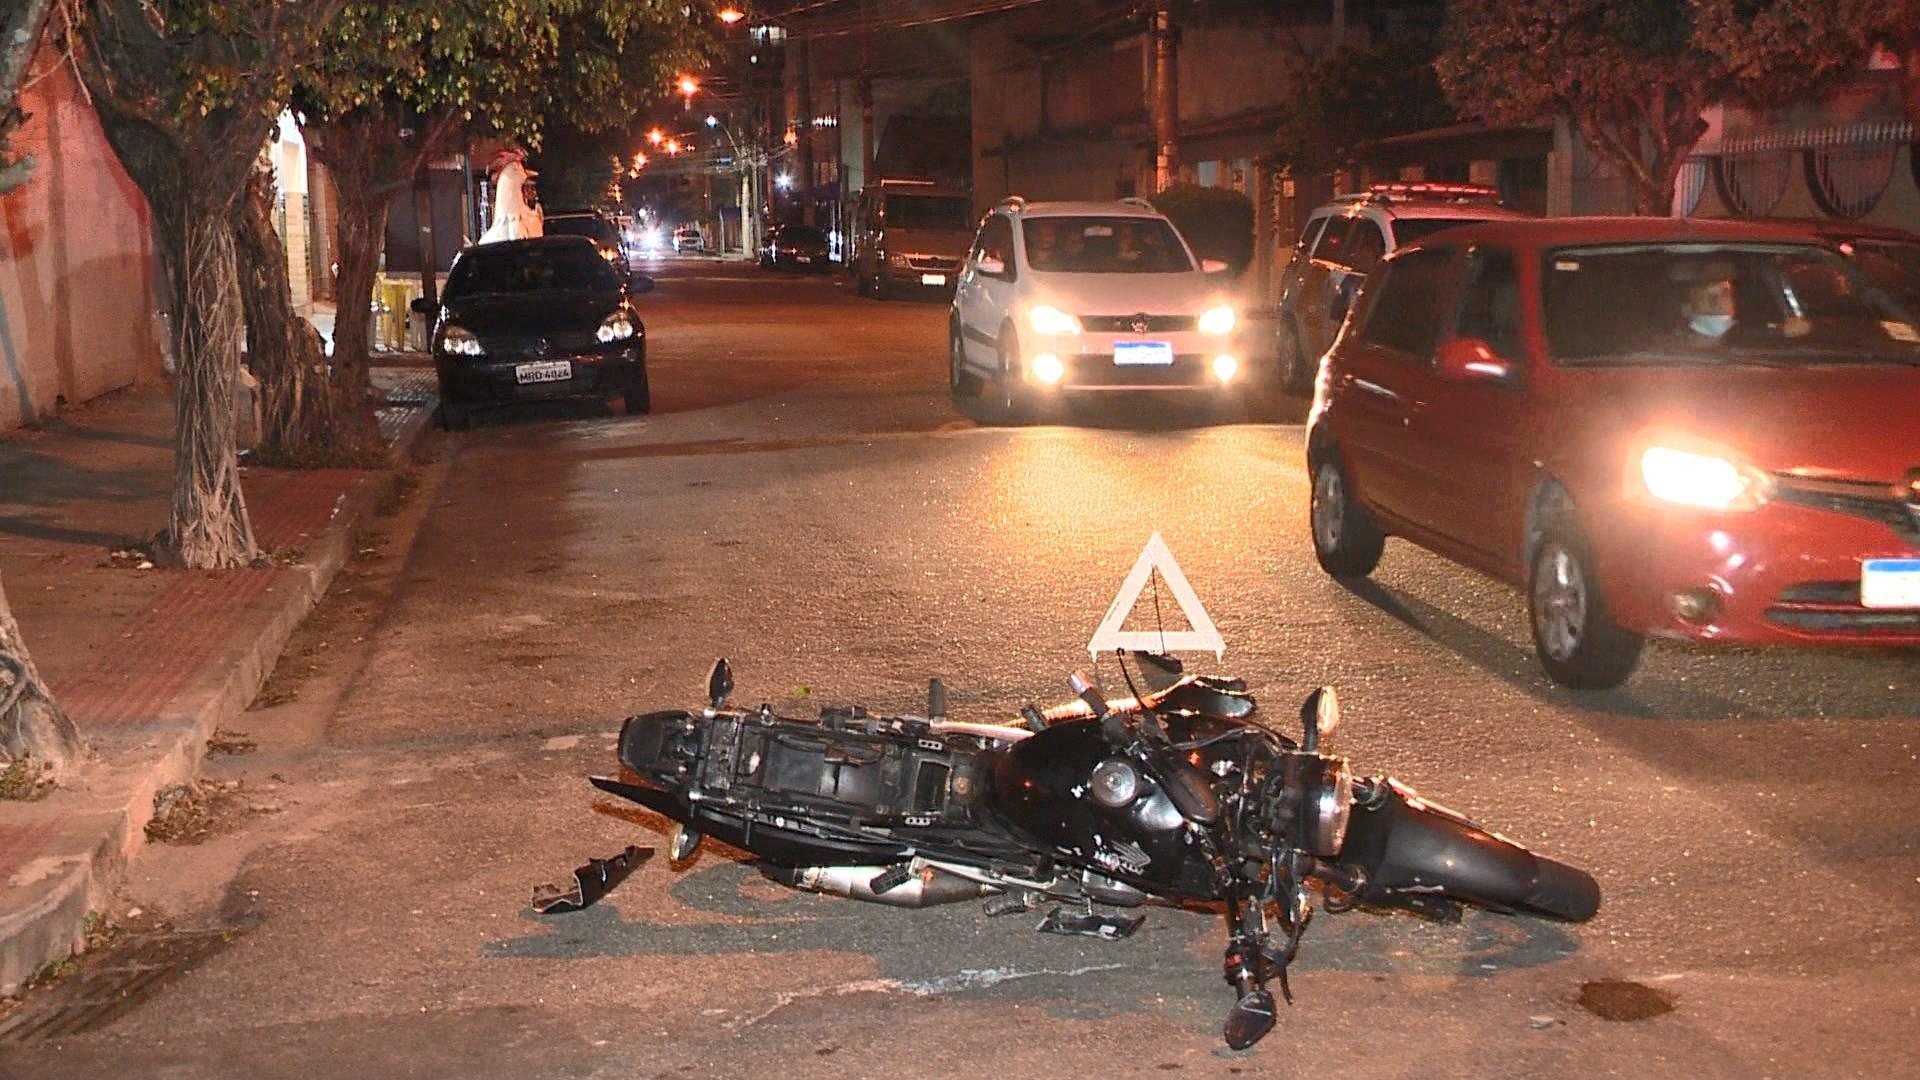 Motorista que atropelou motoboy em Vila Velha, ES, paga fiança e fica em liberdade provisória